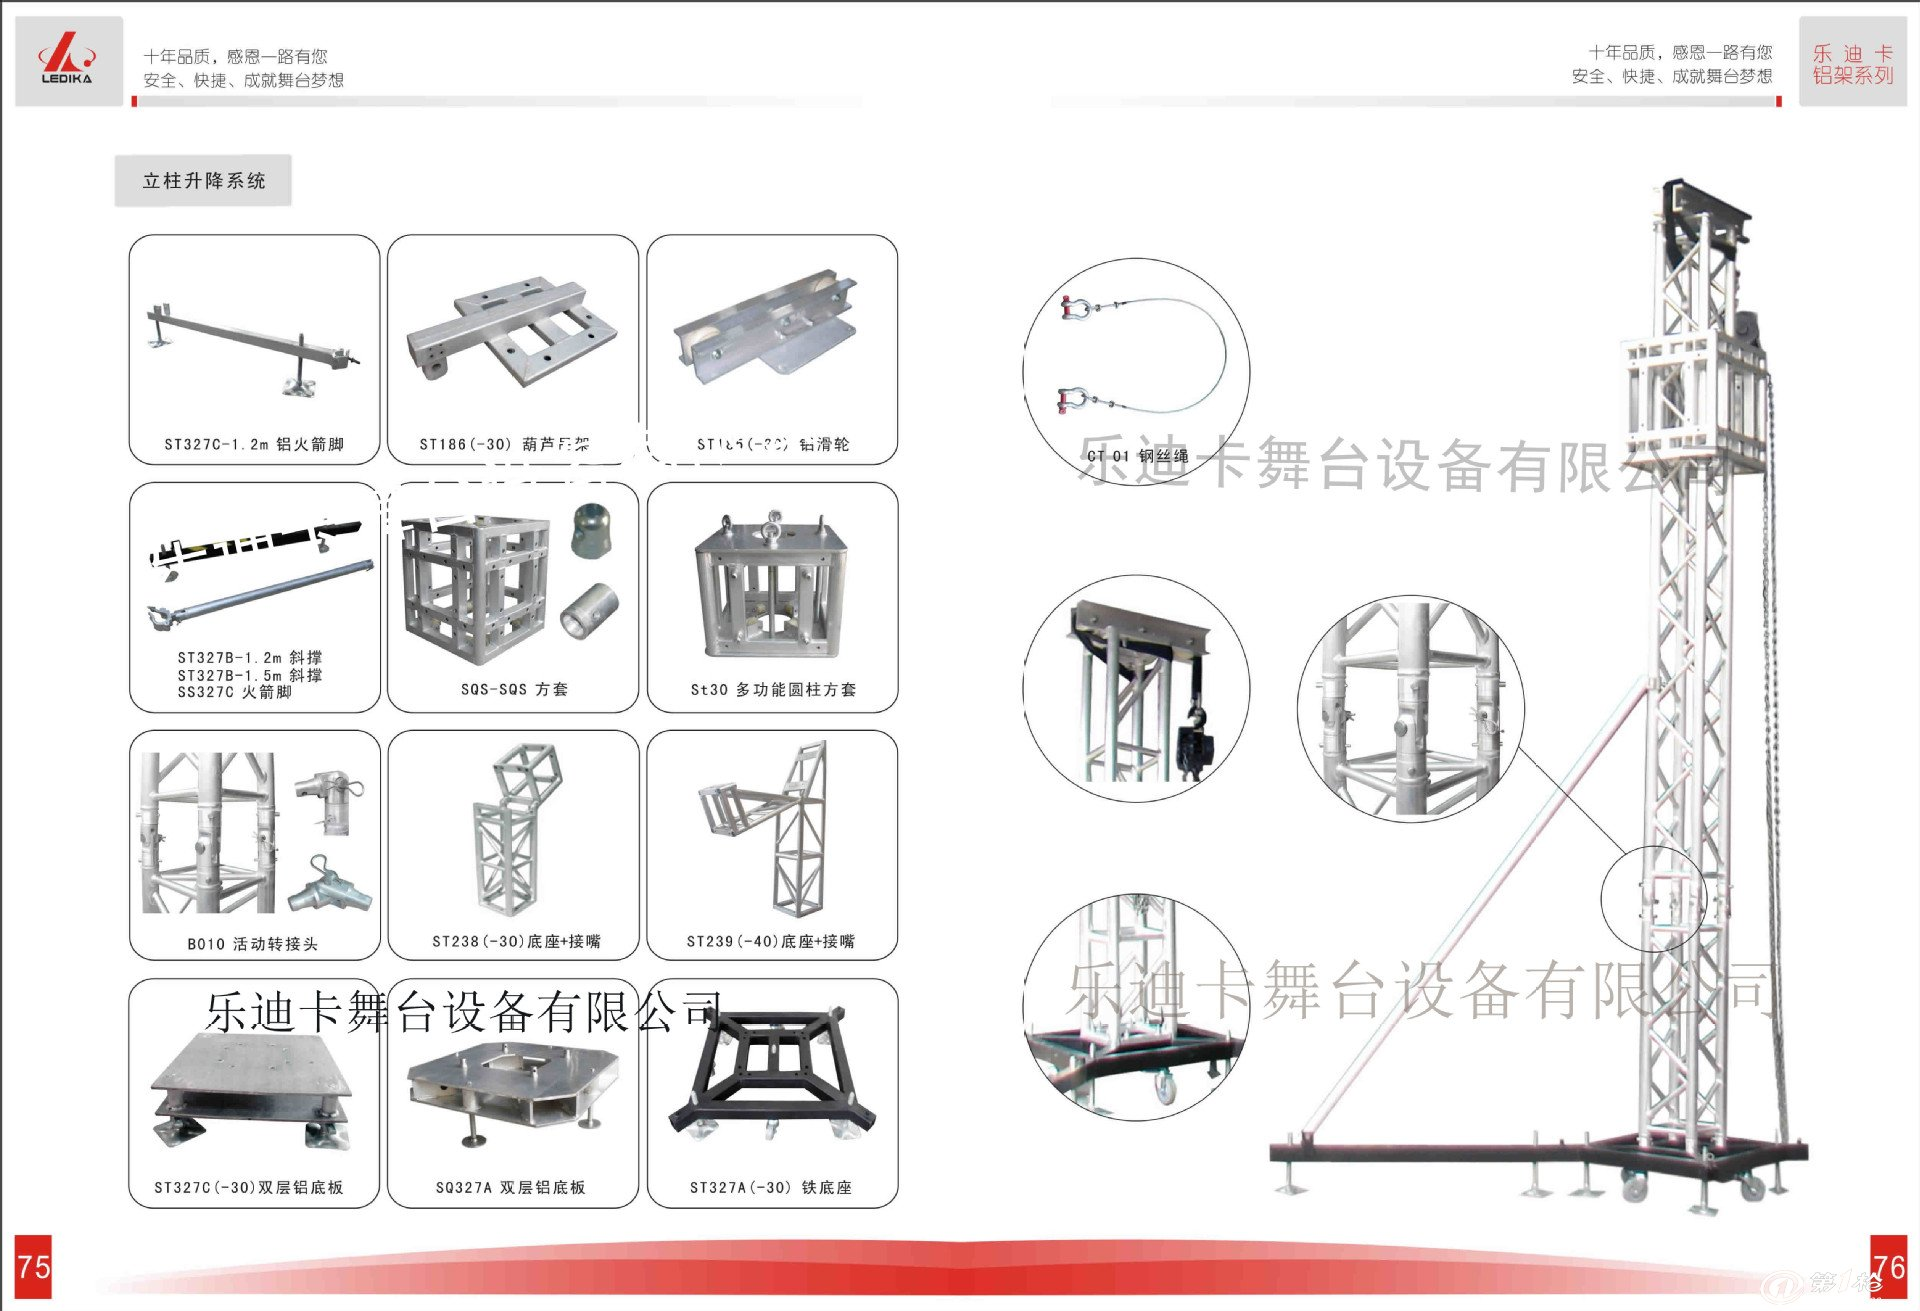 立柱底座采用装配进口轮